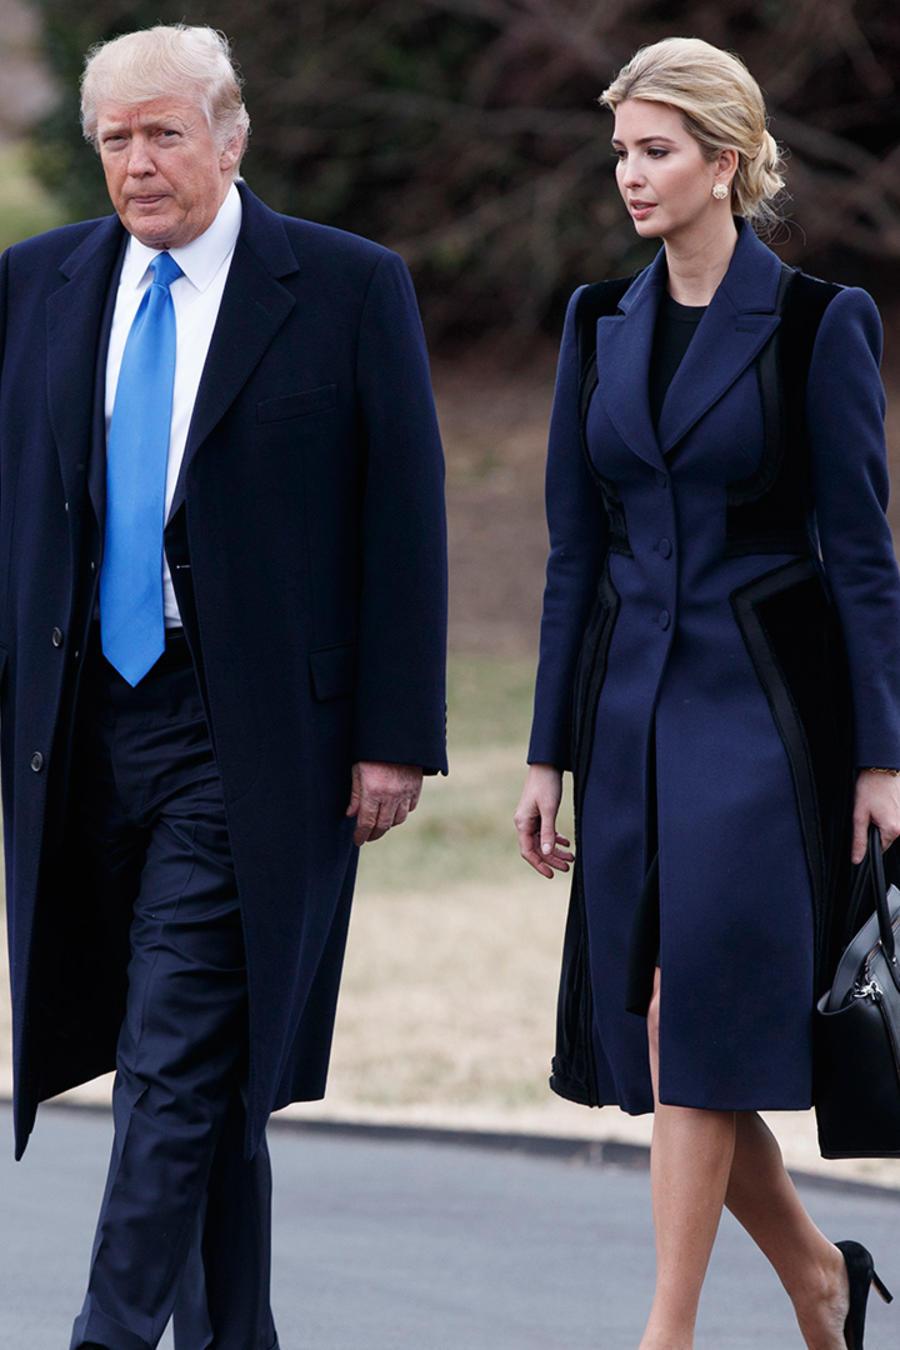 En esta imagen del 1 de febrero de 2017, el presidente Donald Trump y su hija Ivanka Trump caminan para abordar el Marine One en el Jardín Sur de la Casa Blanca en Washington.